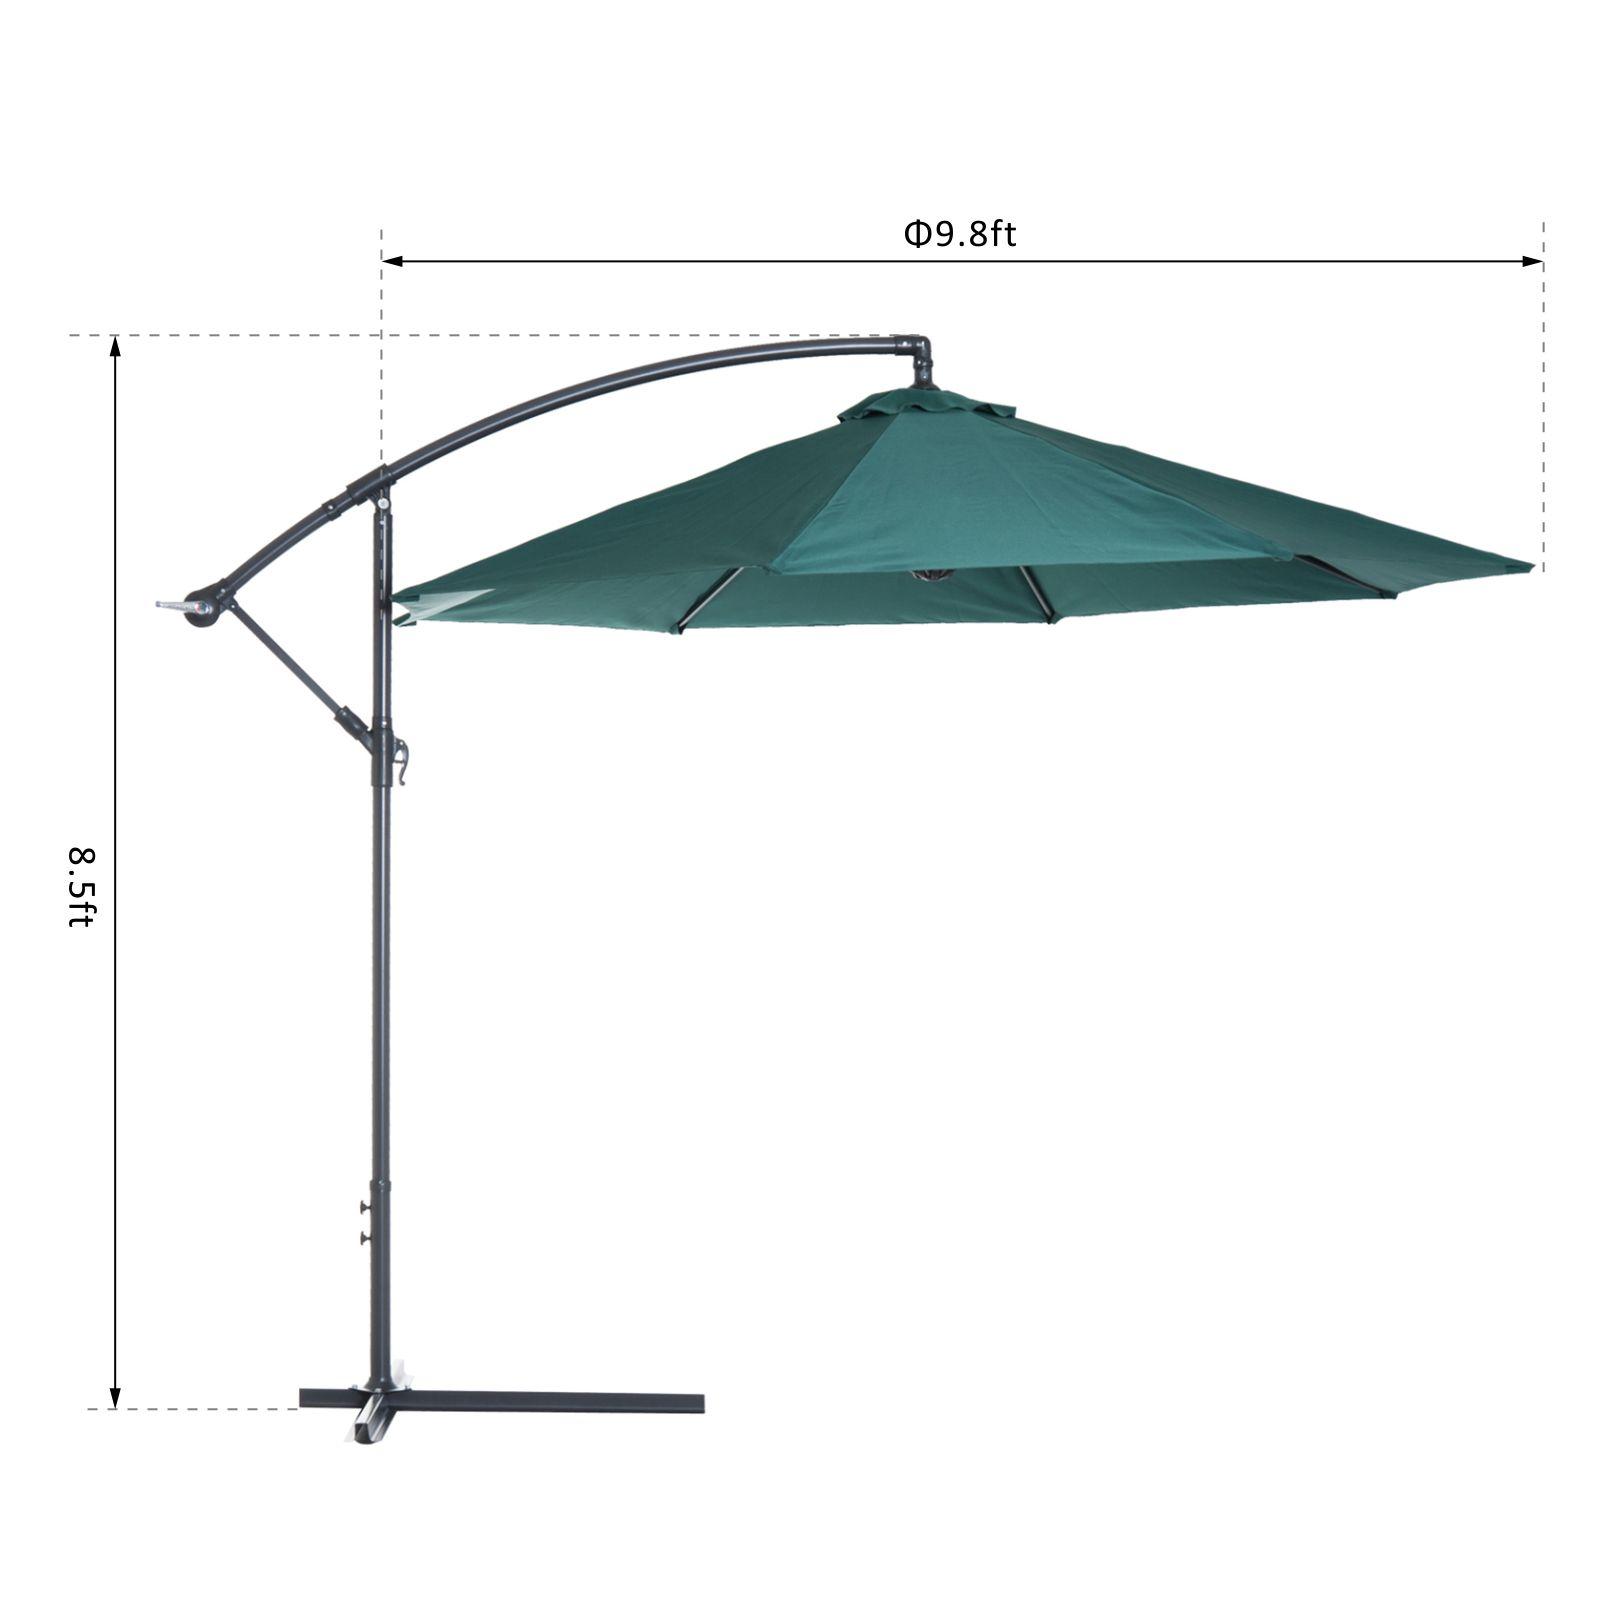 Outsunny-10-039-Deluxe-Patio-Umbrella-Outdoor-Market-Parasol-Banana-Hanging-Offset thumbnail 23